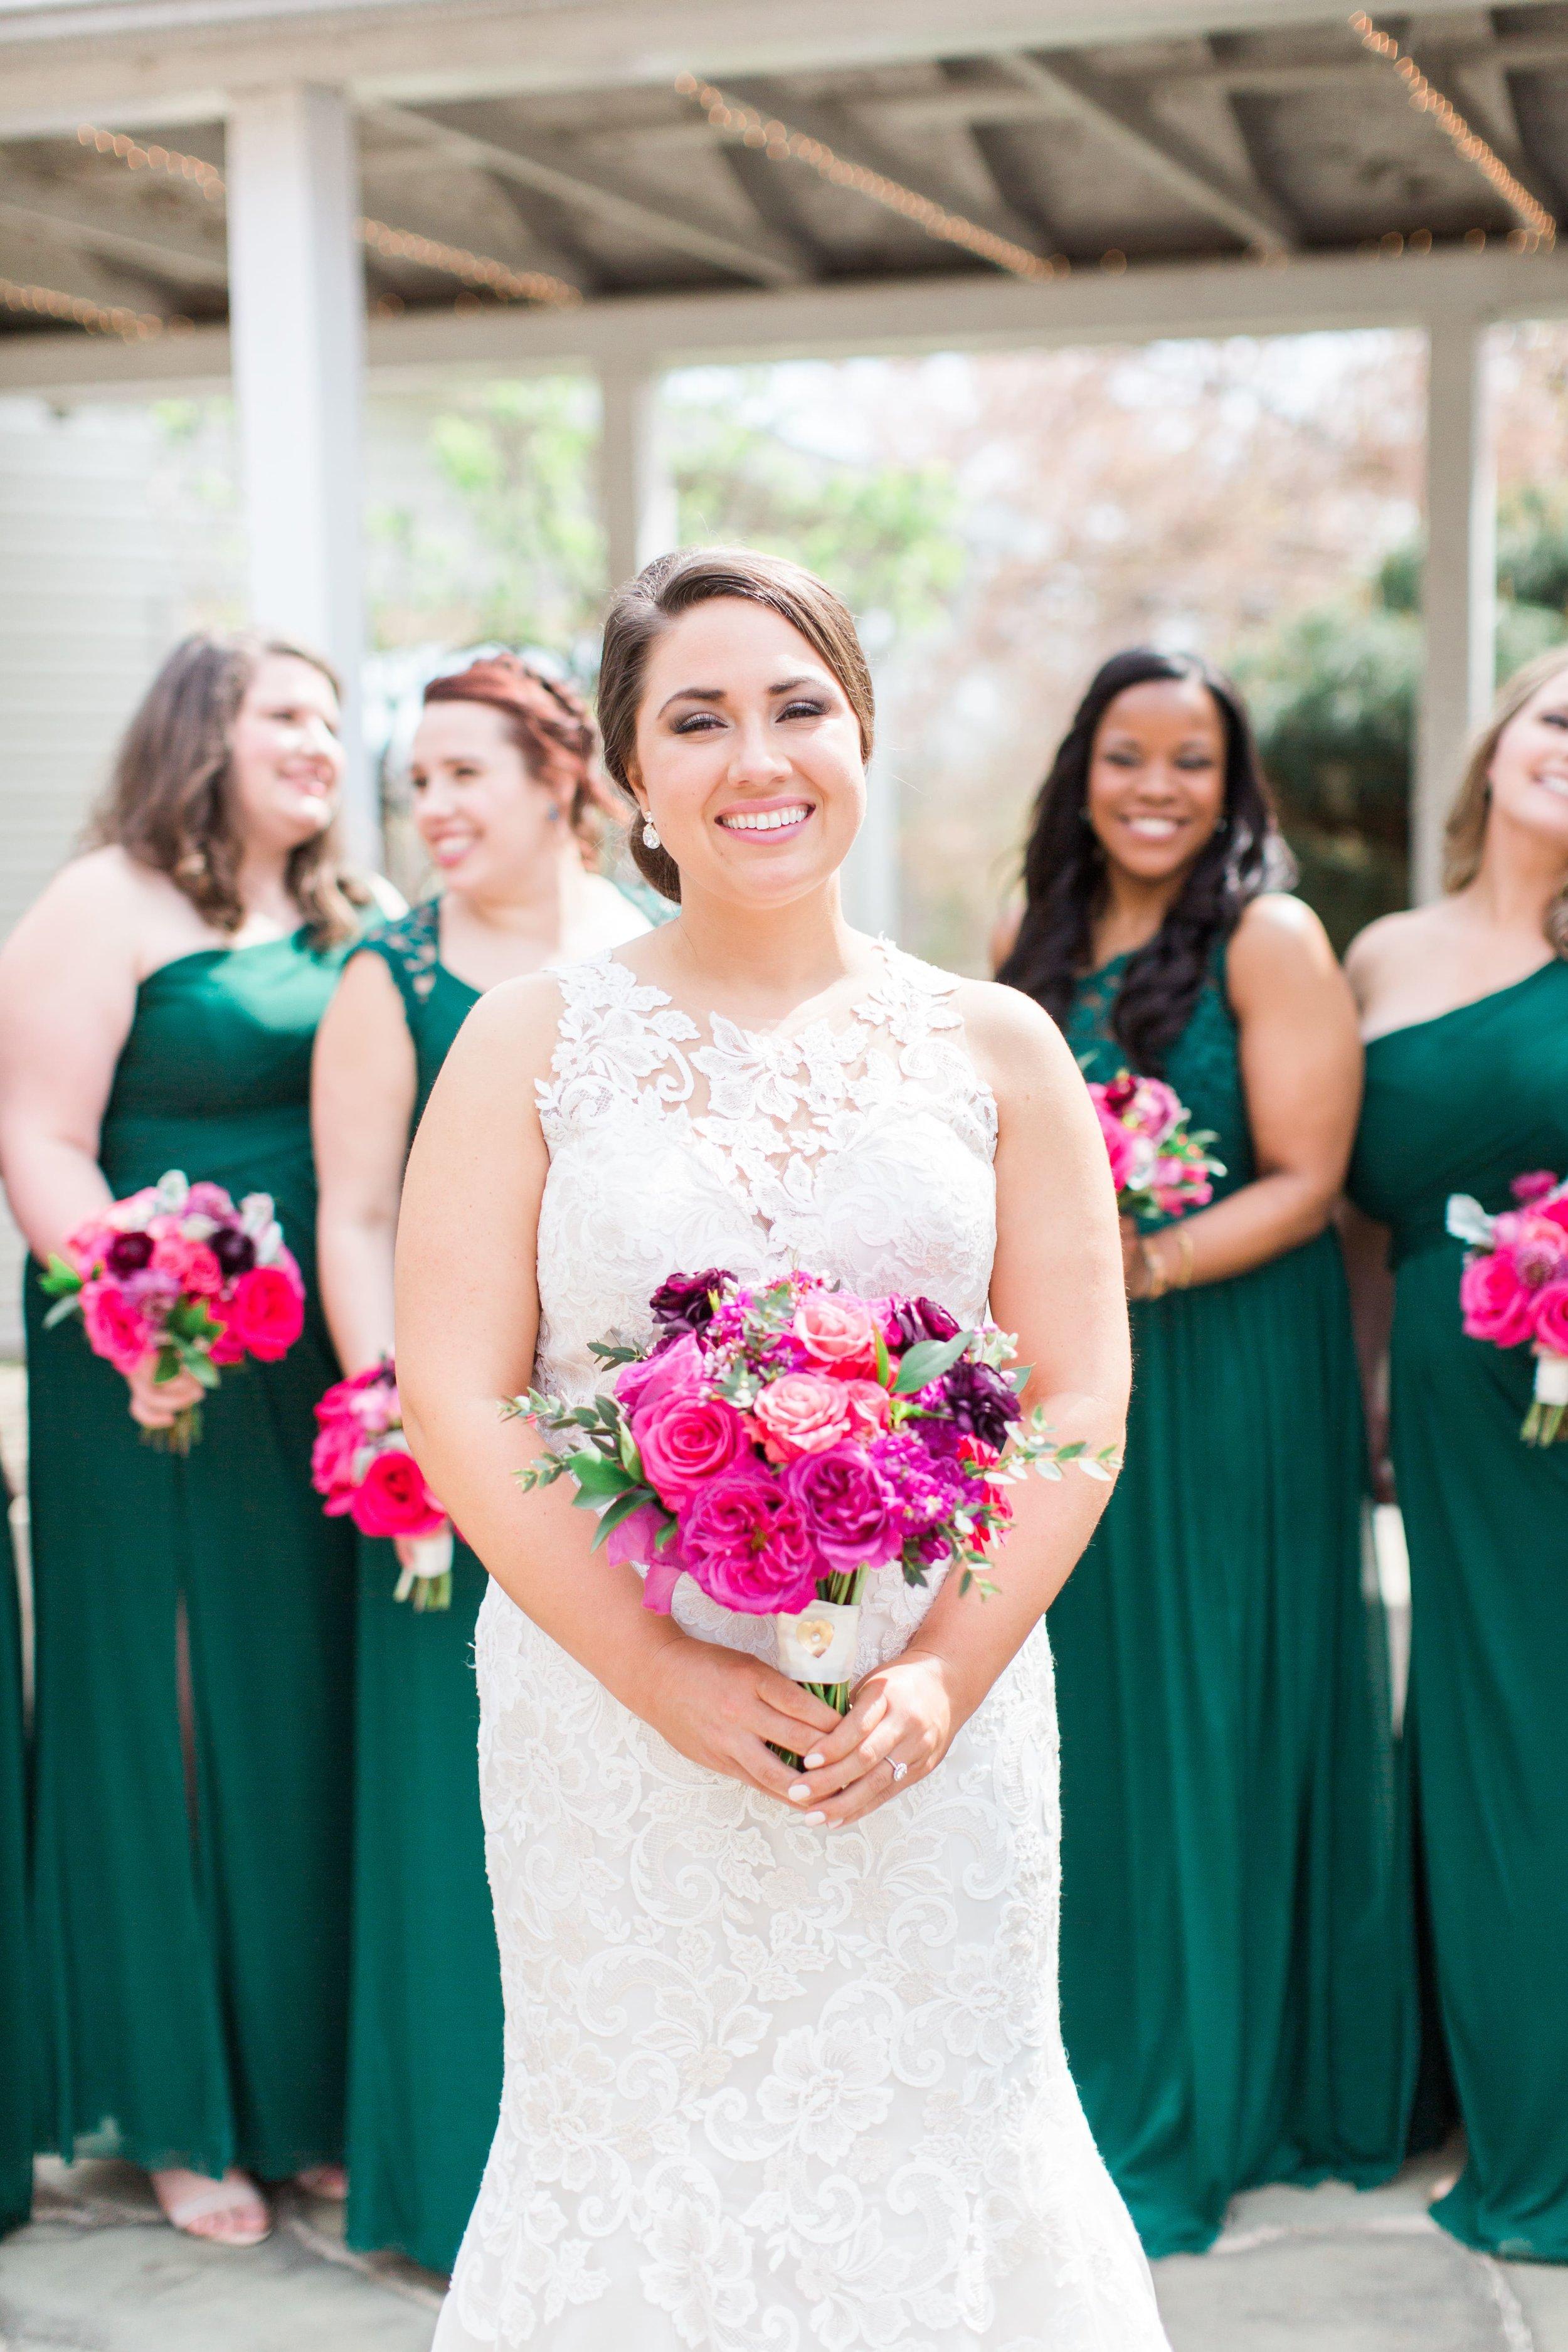 Lost Creek Winery Wedding JR Flowers_(3)-min.jpg